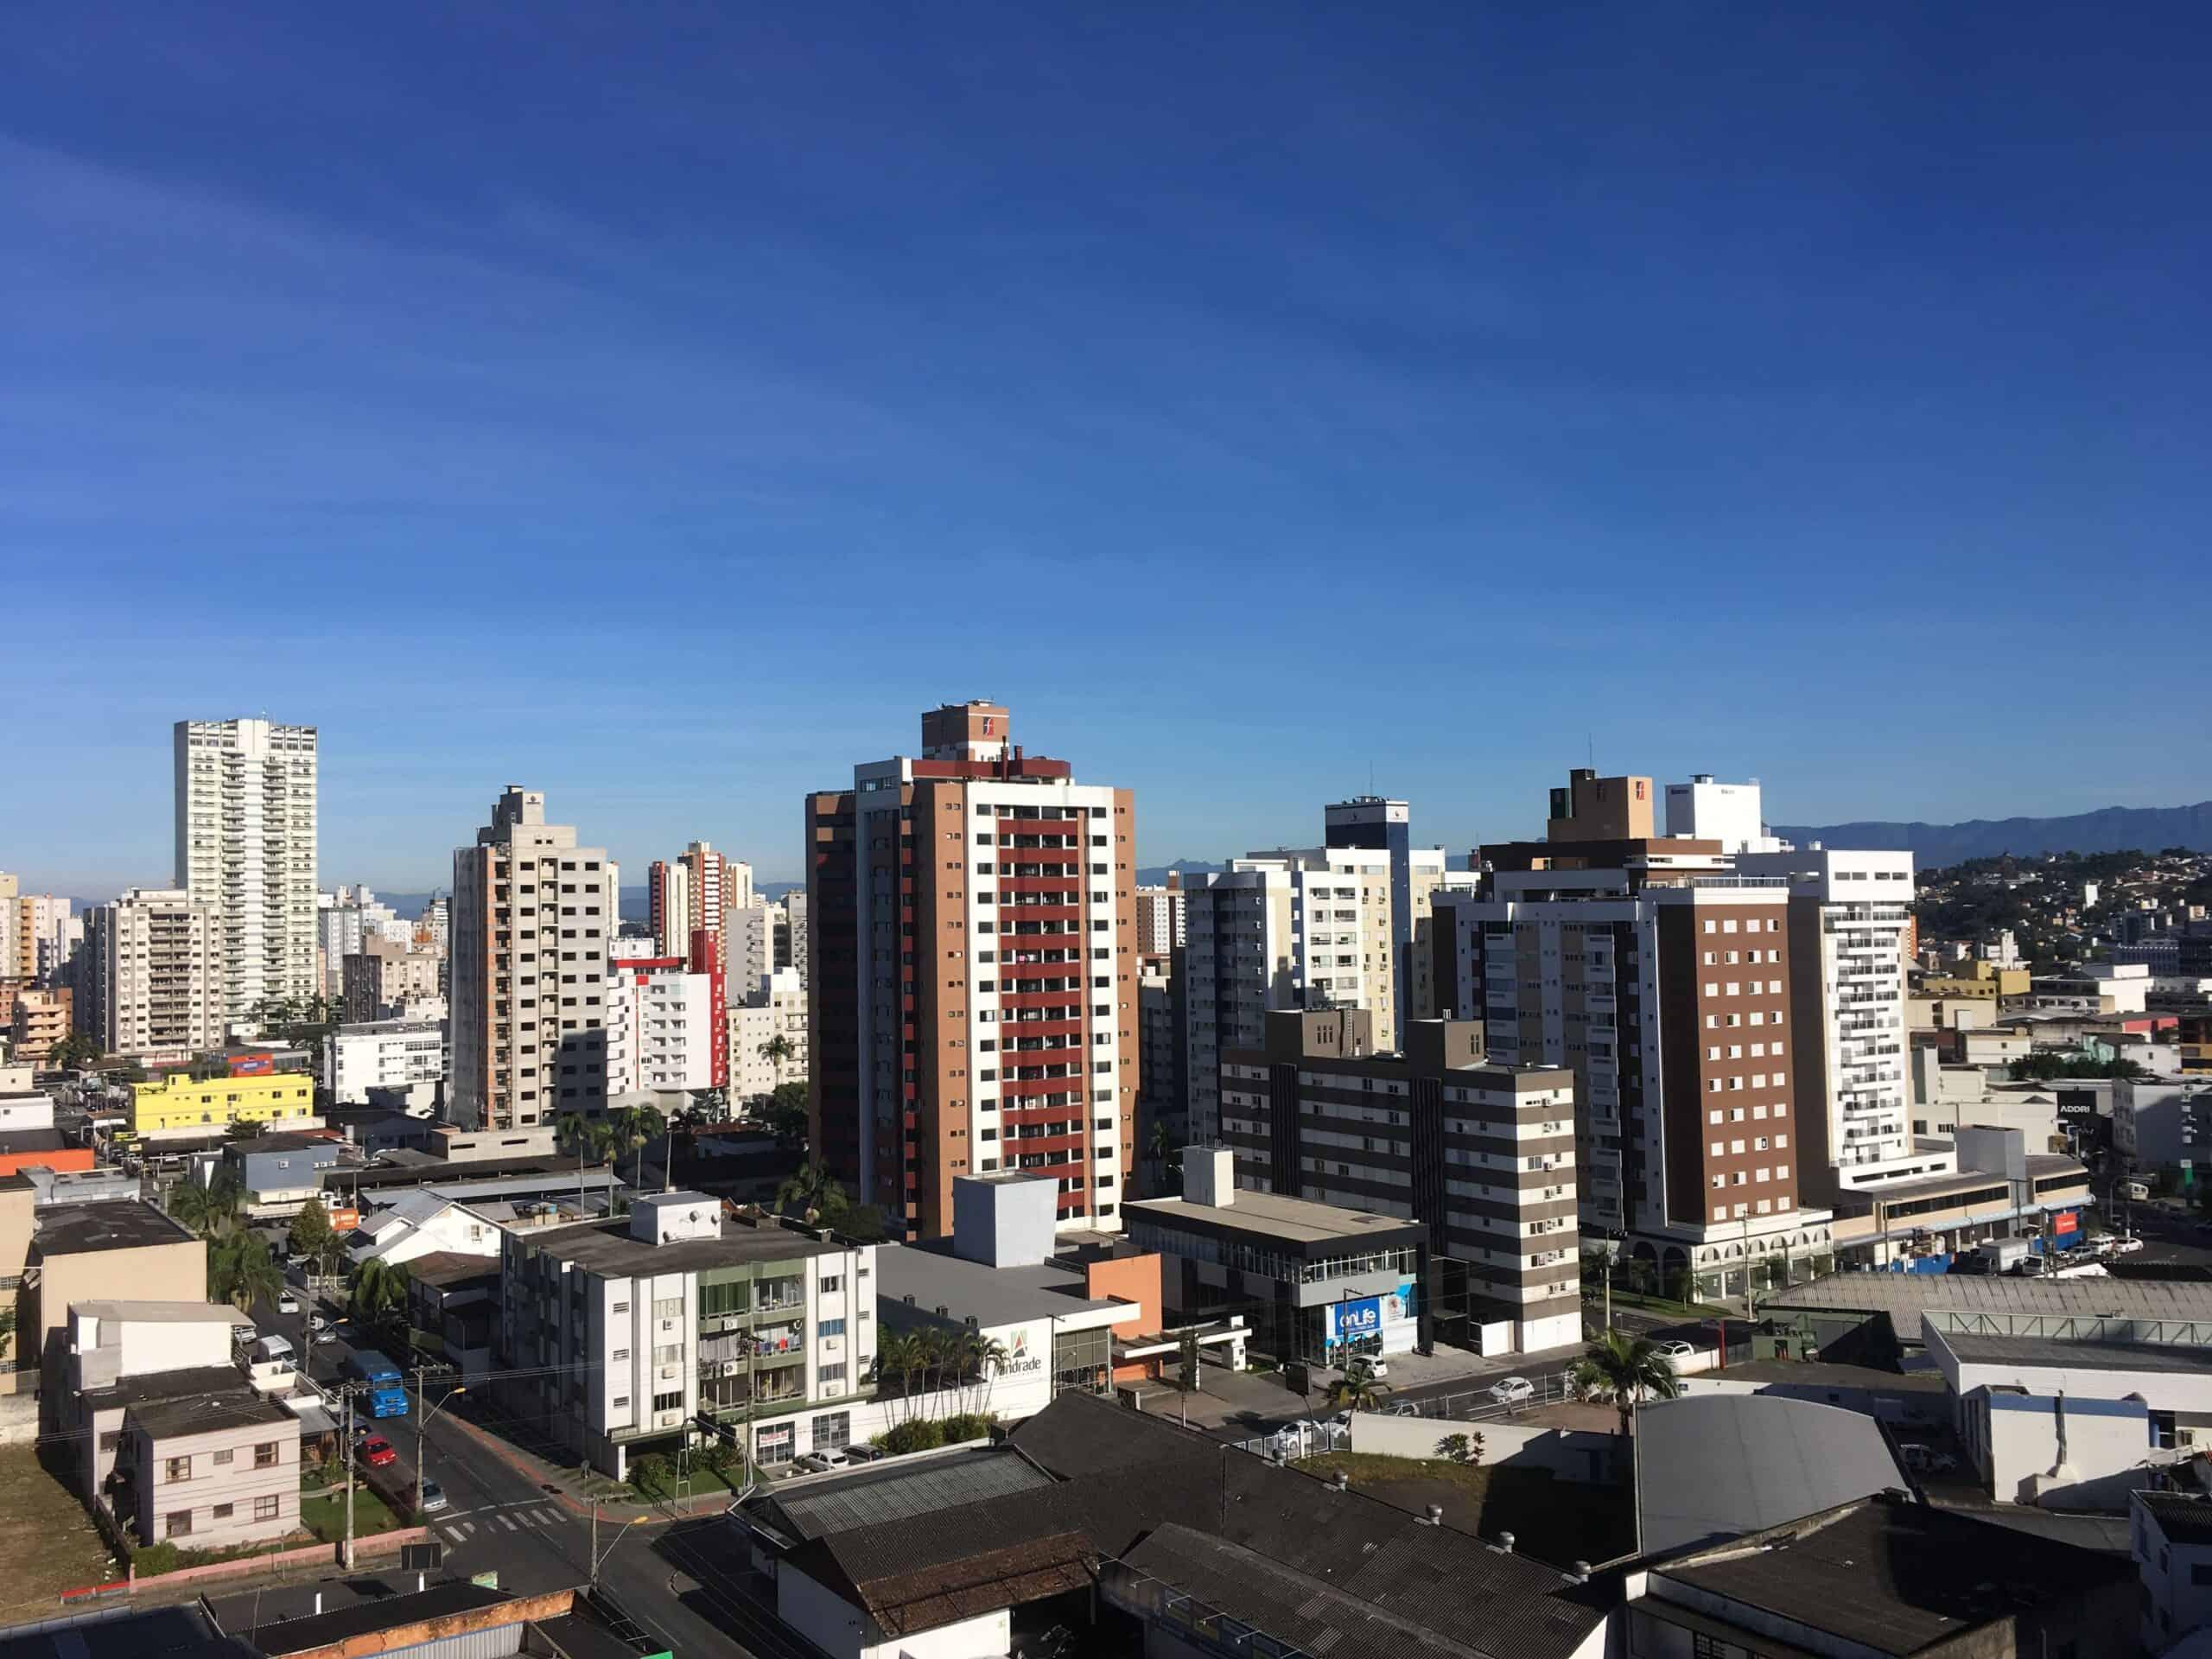 IPTU Criciúma 2020 finaliza pagamento à vista nesta sexta-feira (Imagem: Reprodução - Google)